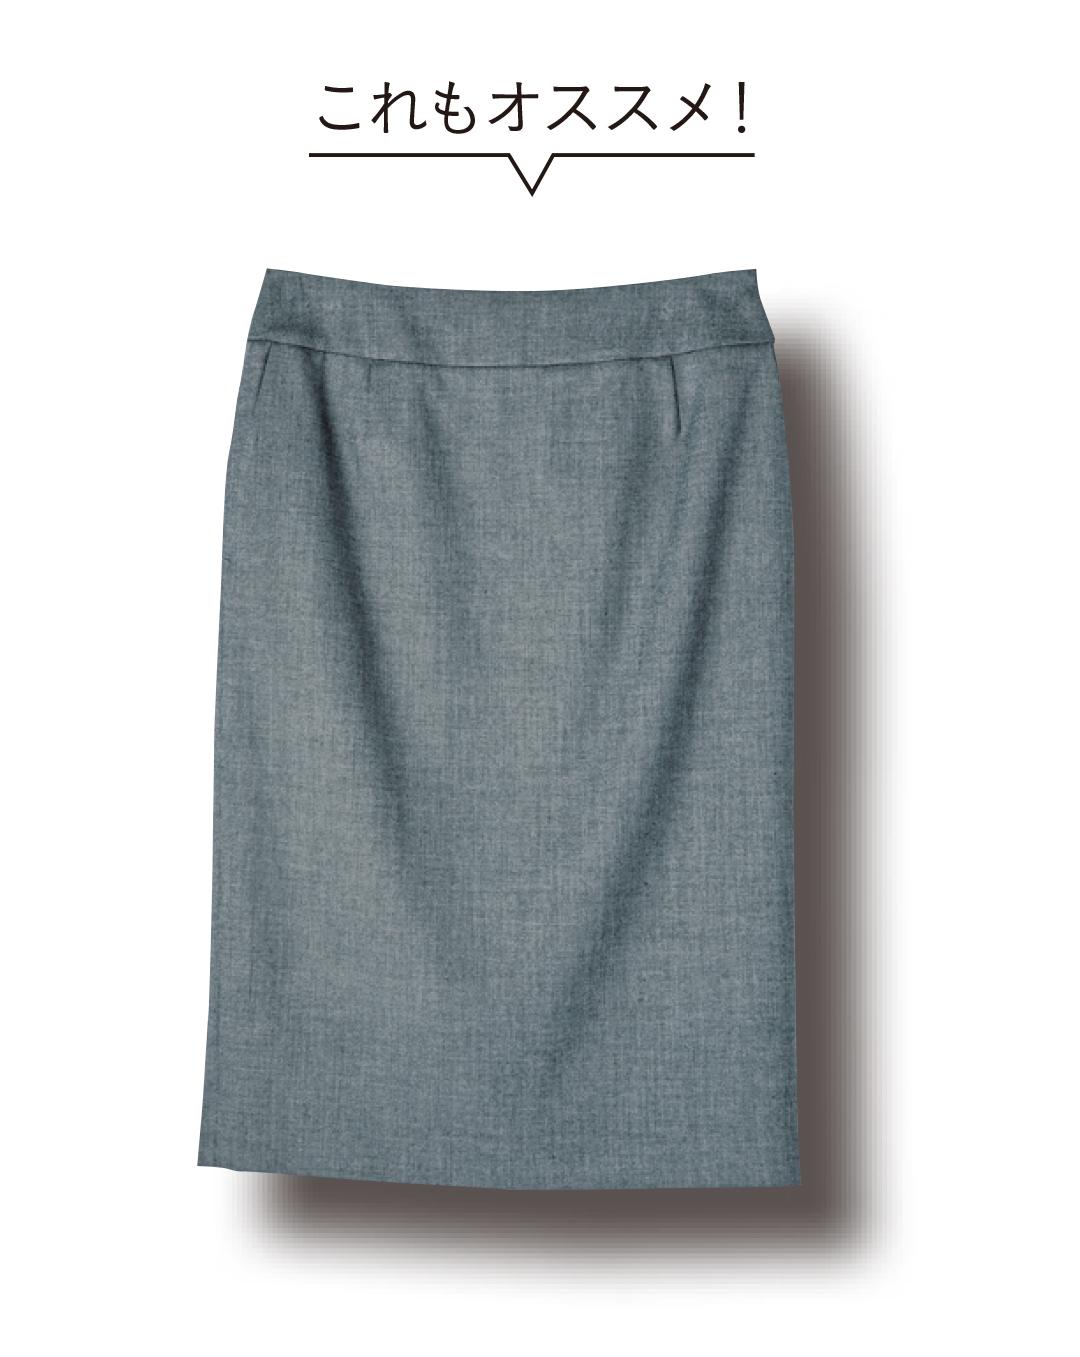 堅めオフィスできちんと見えスカート着回し☆毎日使えるタイトスカート4選!_1_3-3